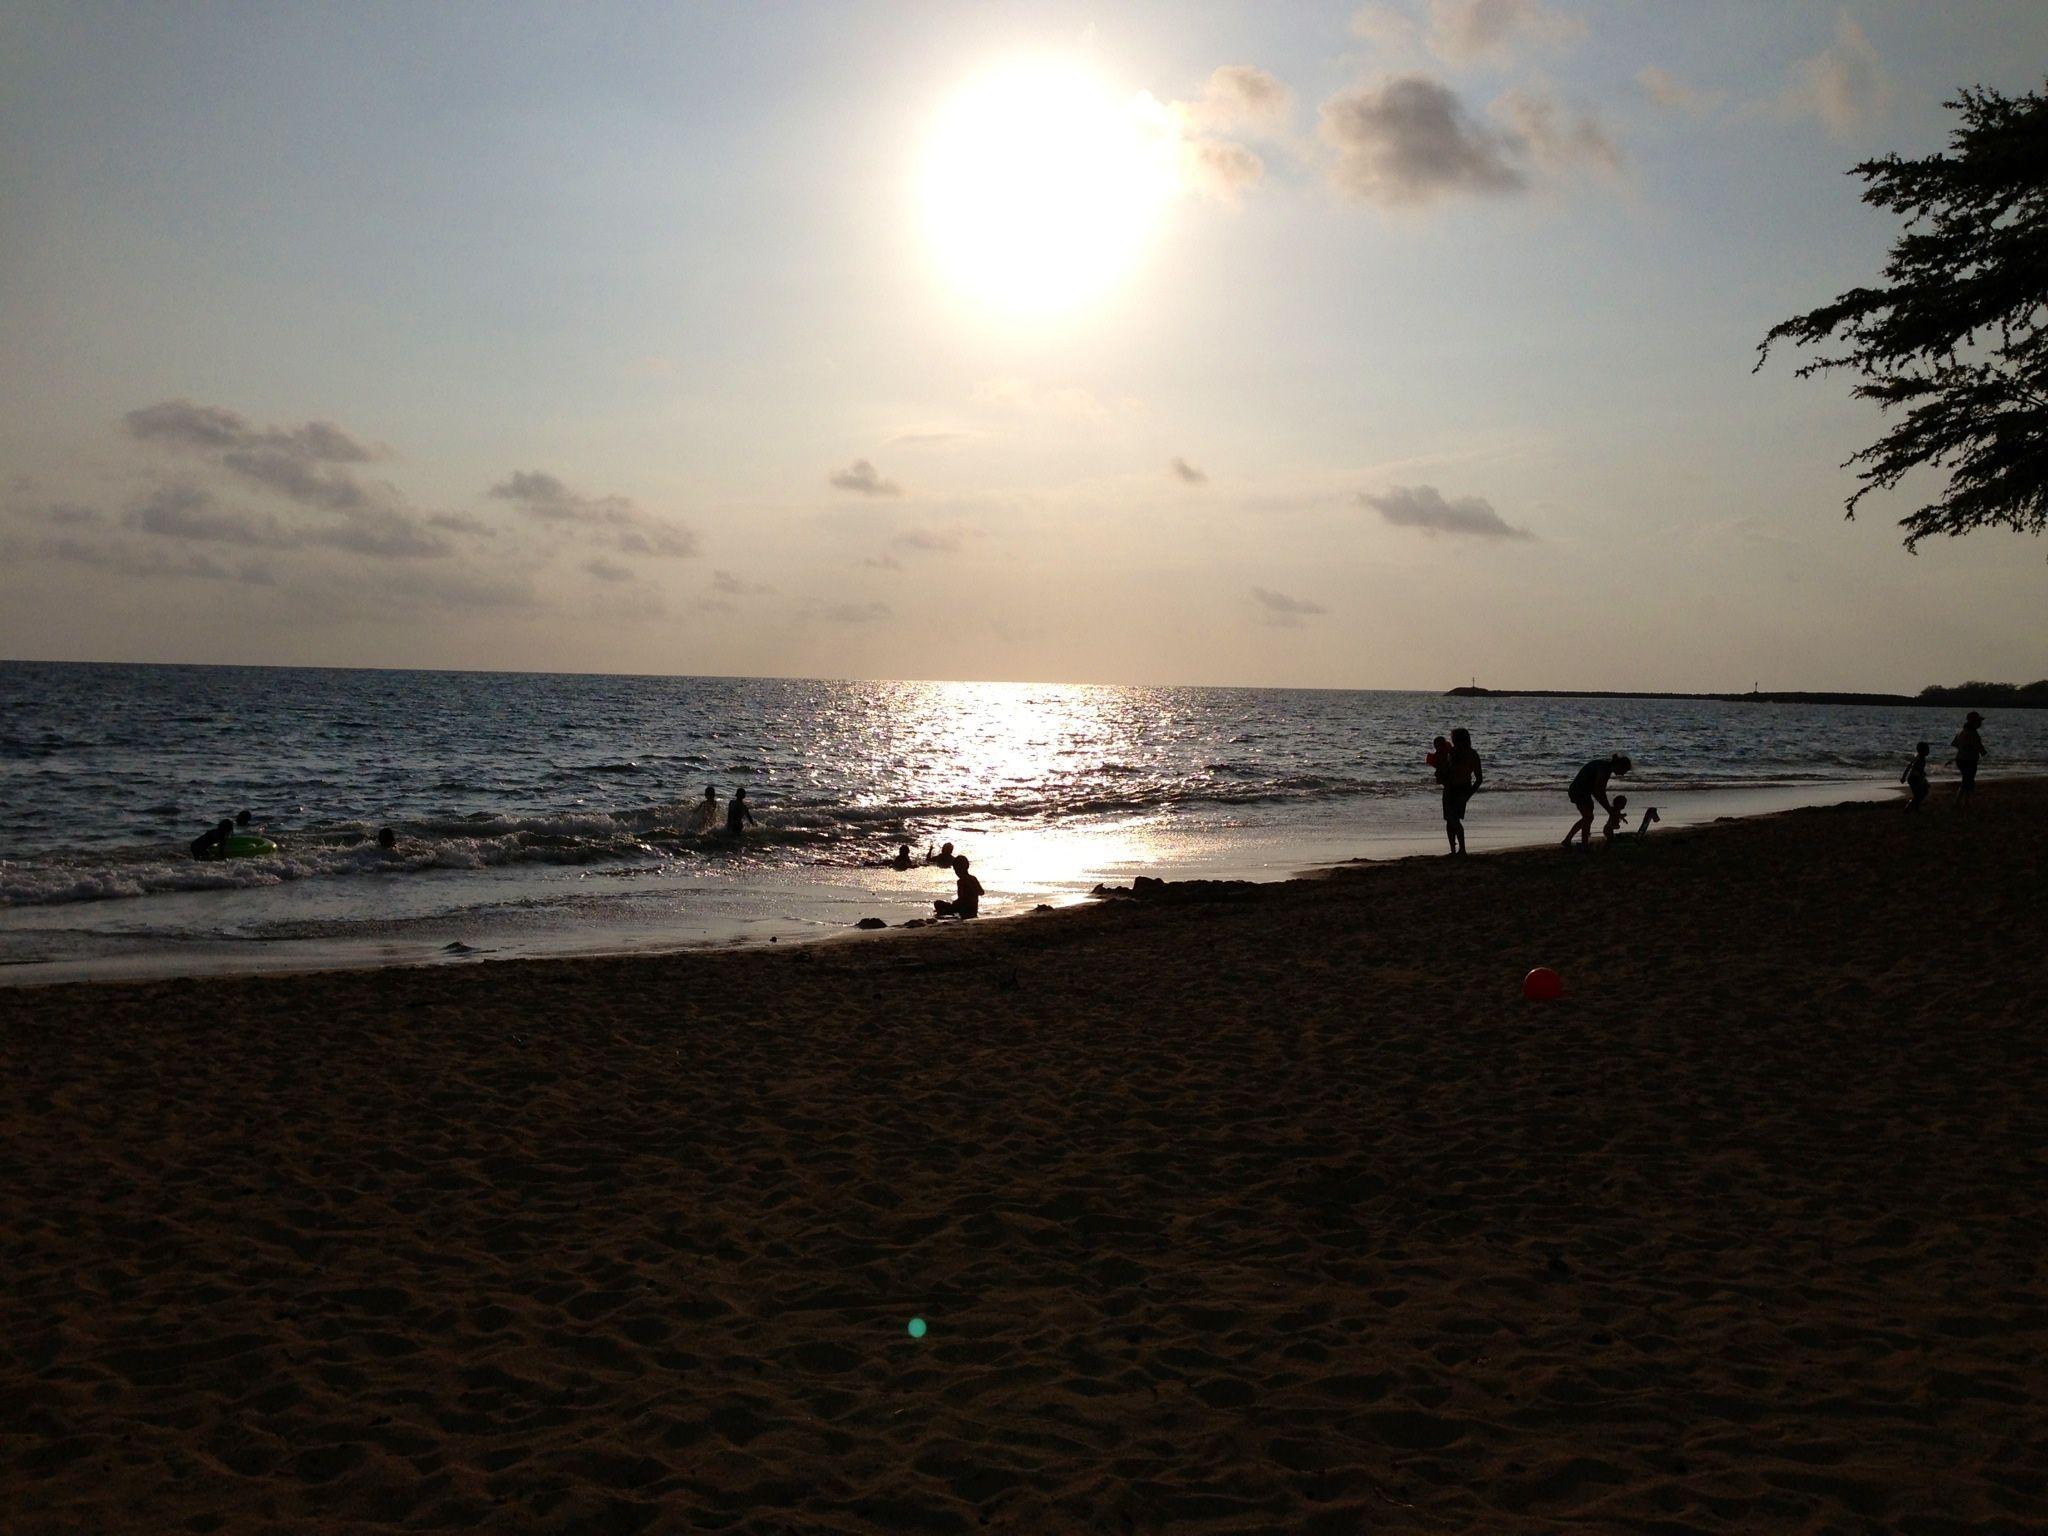 Evening at Spencer Beach, HI